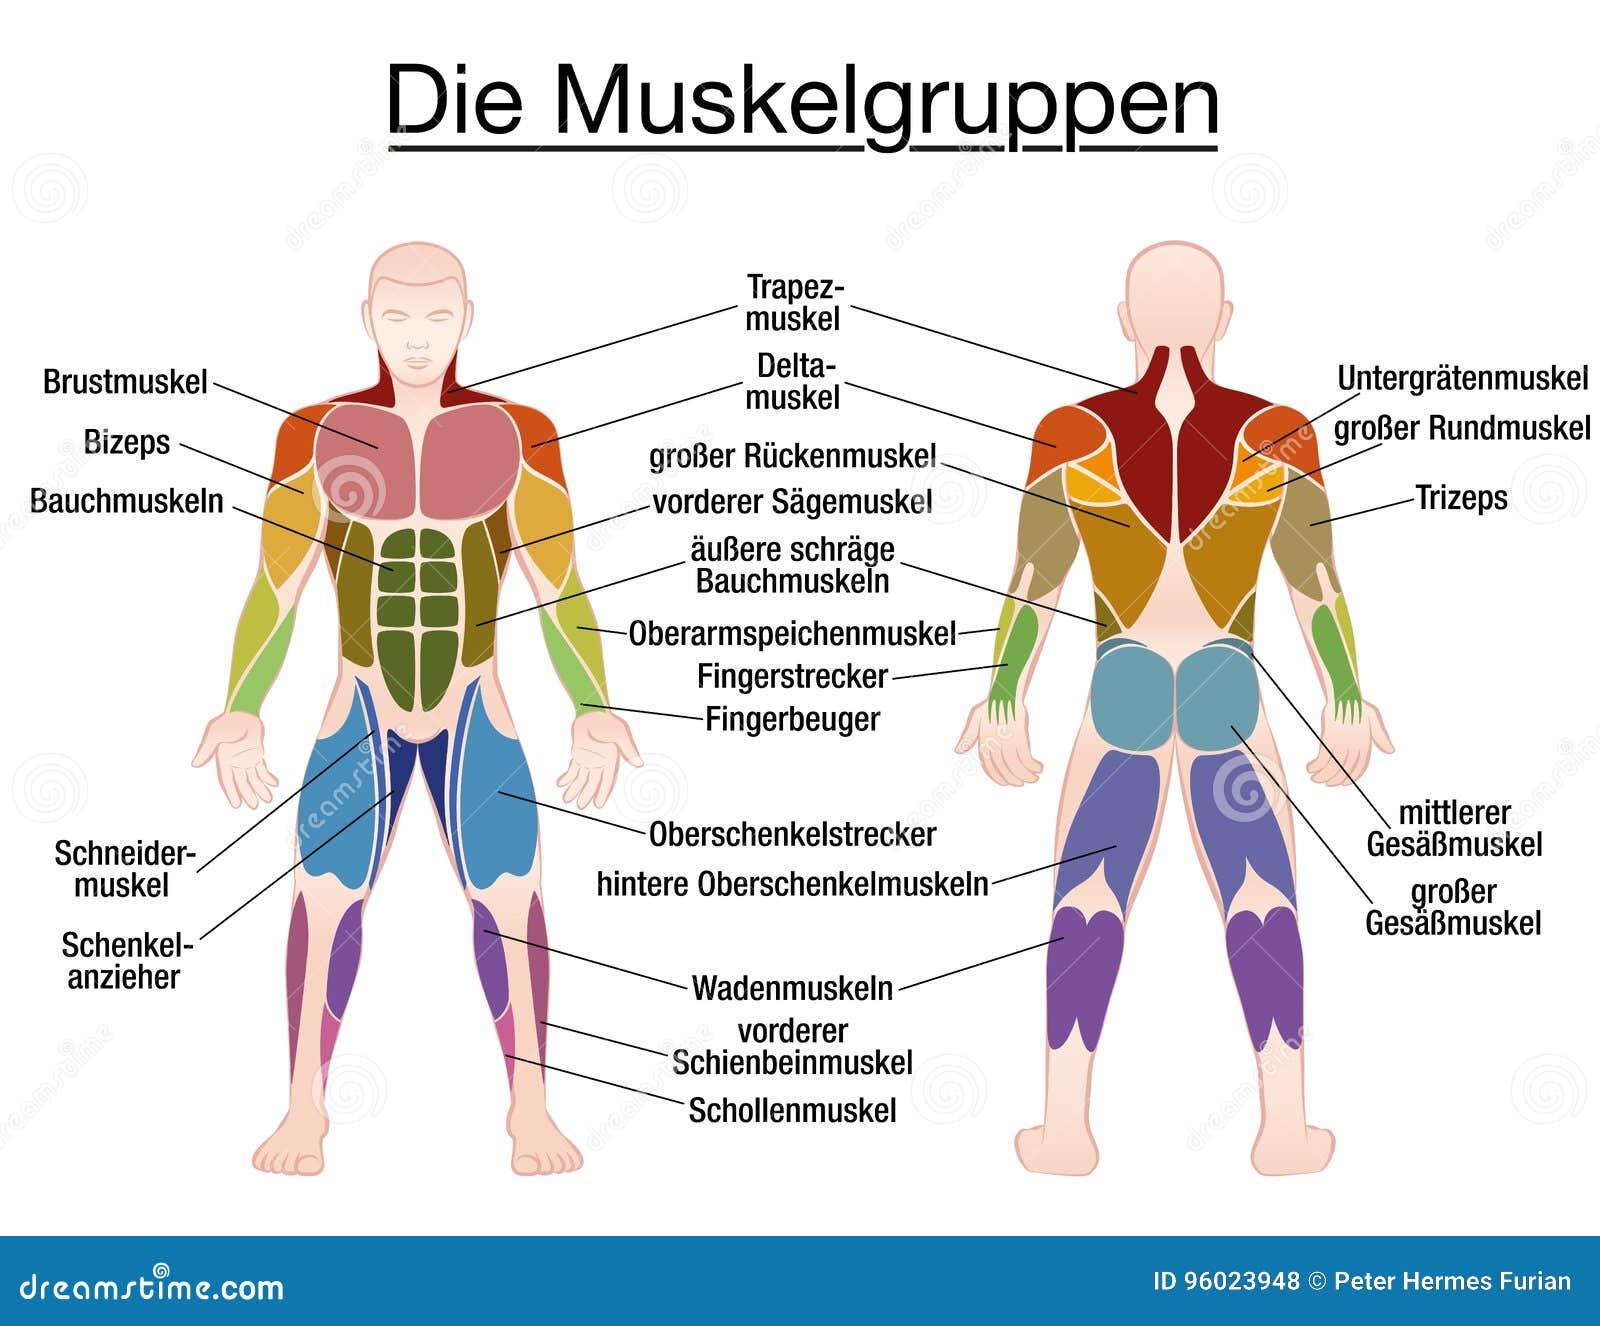 Charmant Trizeps Muskel Anatomie Ideen - Anatomie Von Menschlichen ...